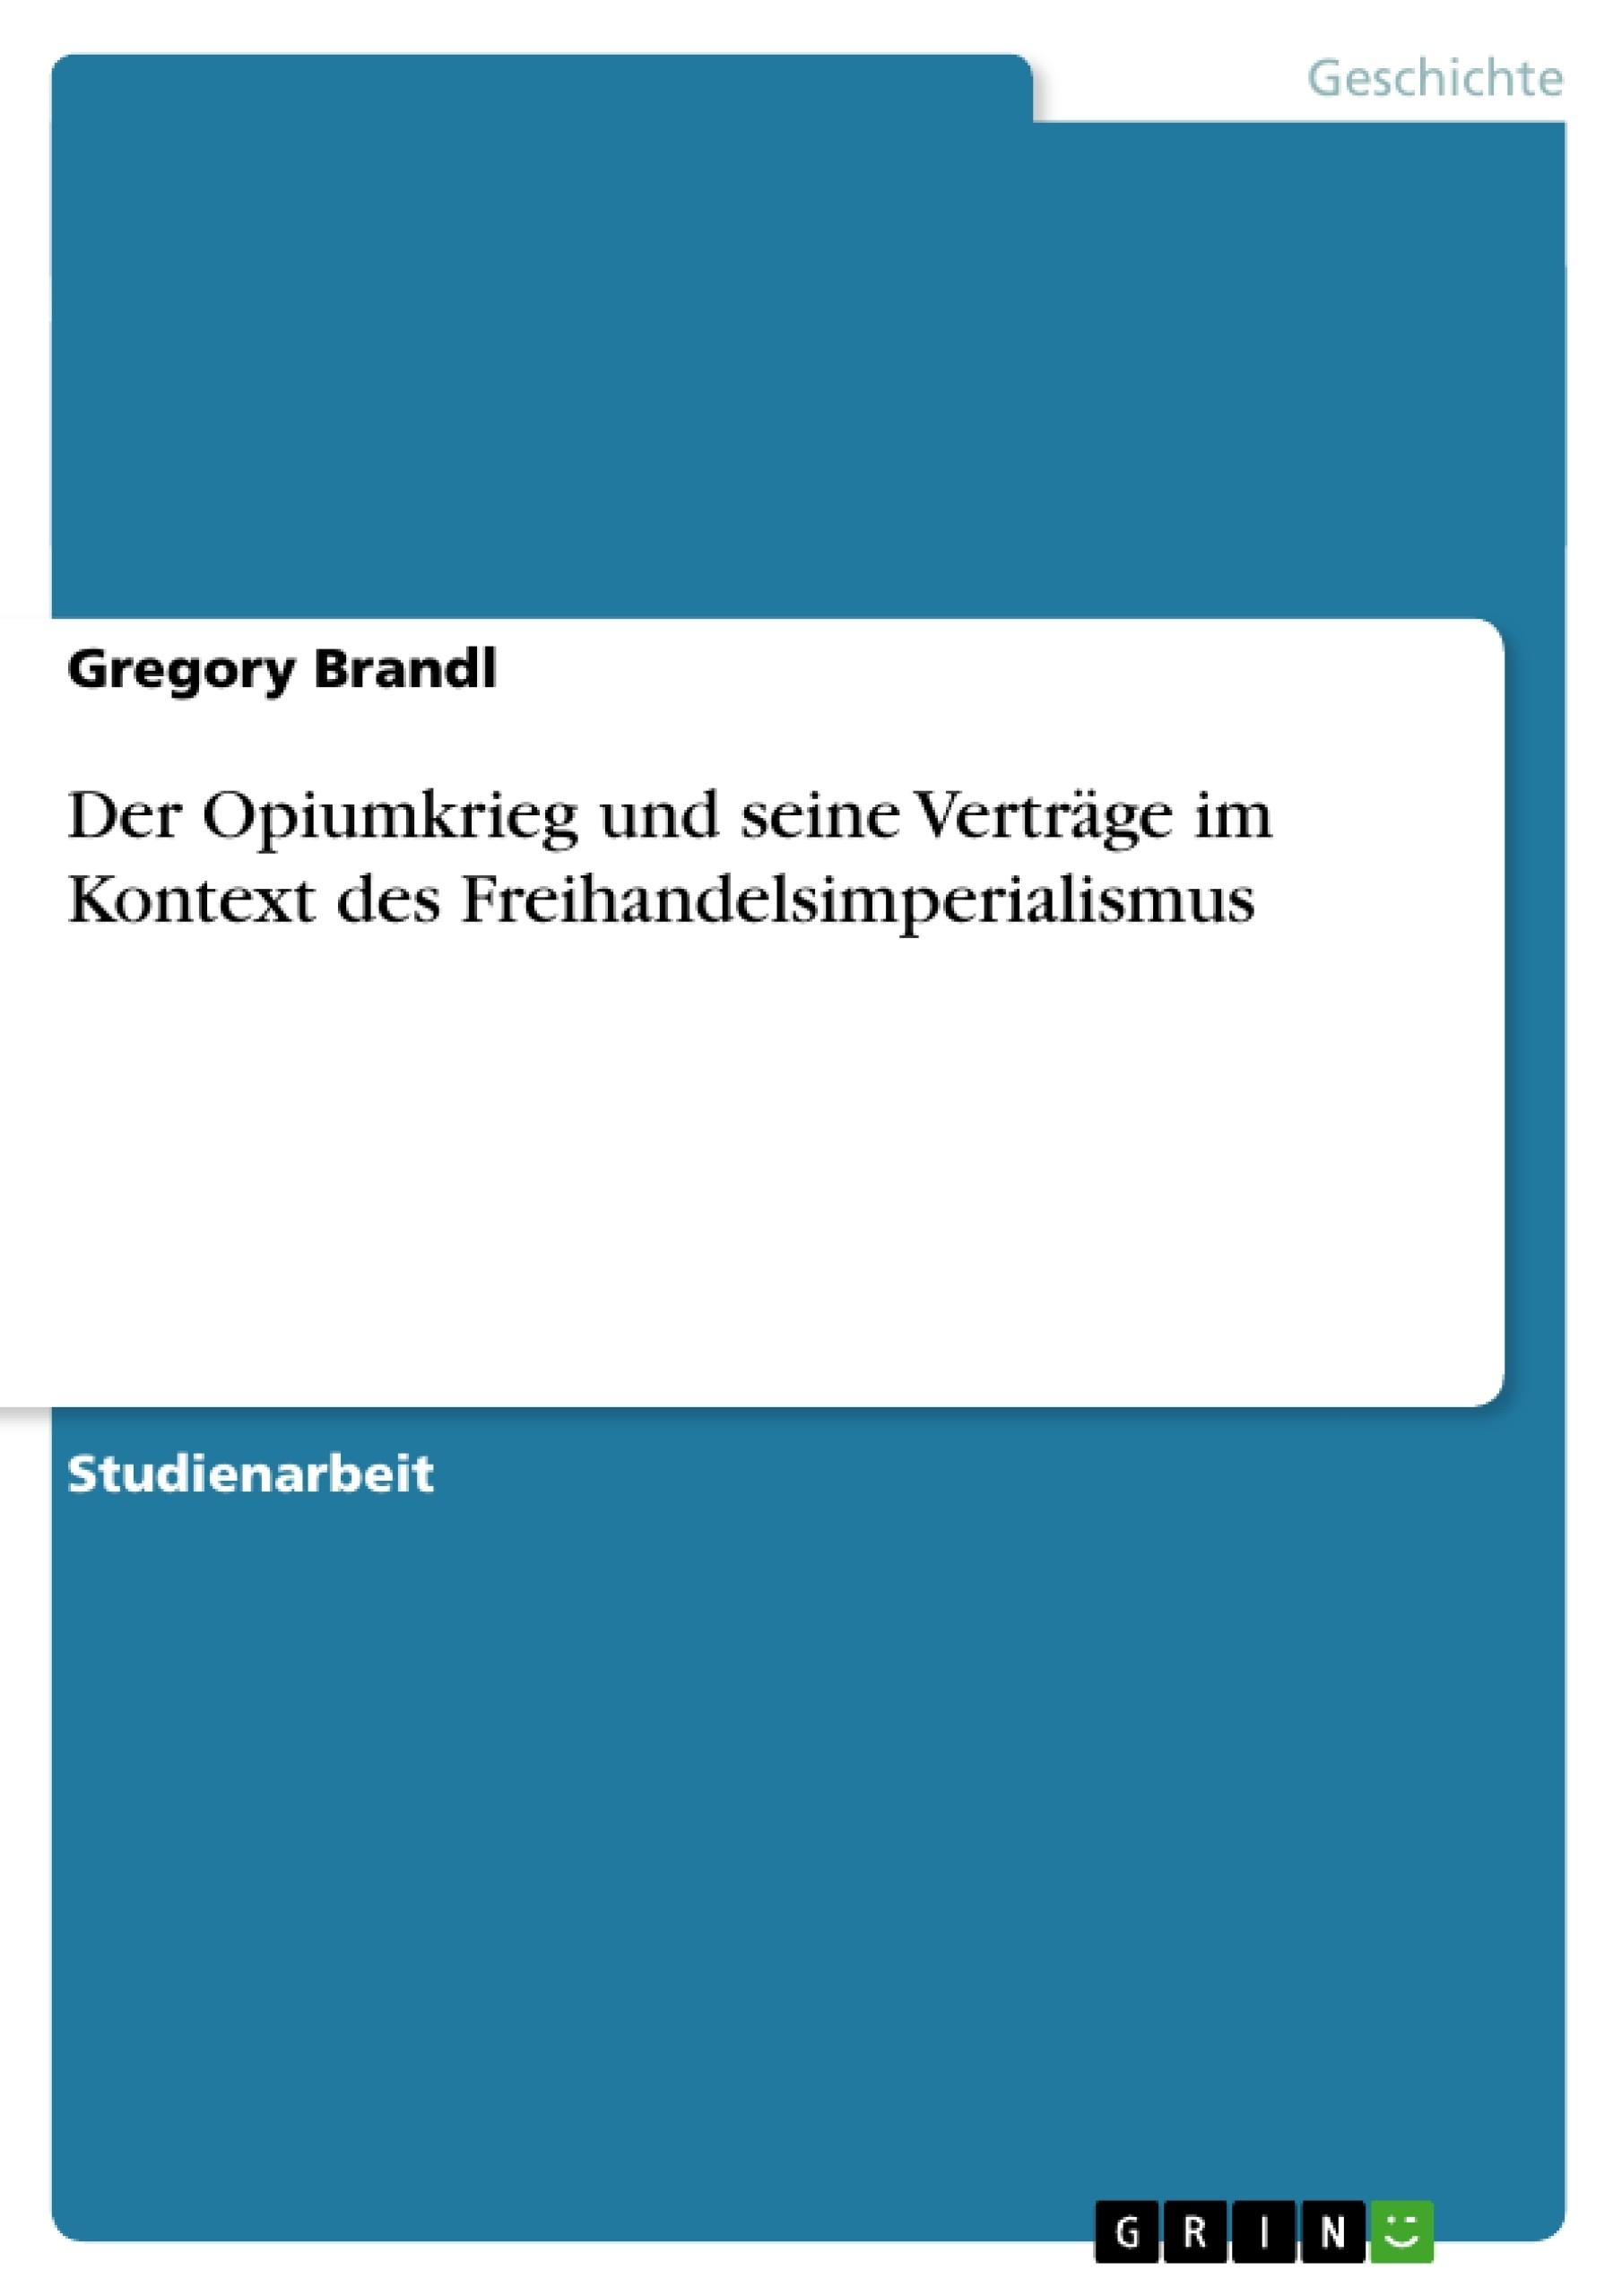 Titel: Der Opiumkrieg und seine Verträge  im Kontext des Freihandelsimperialismus